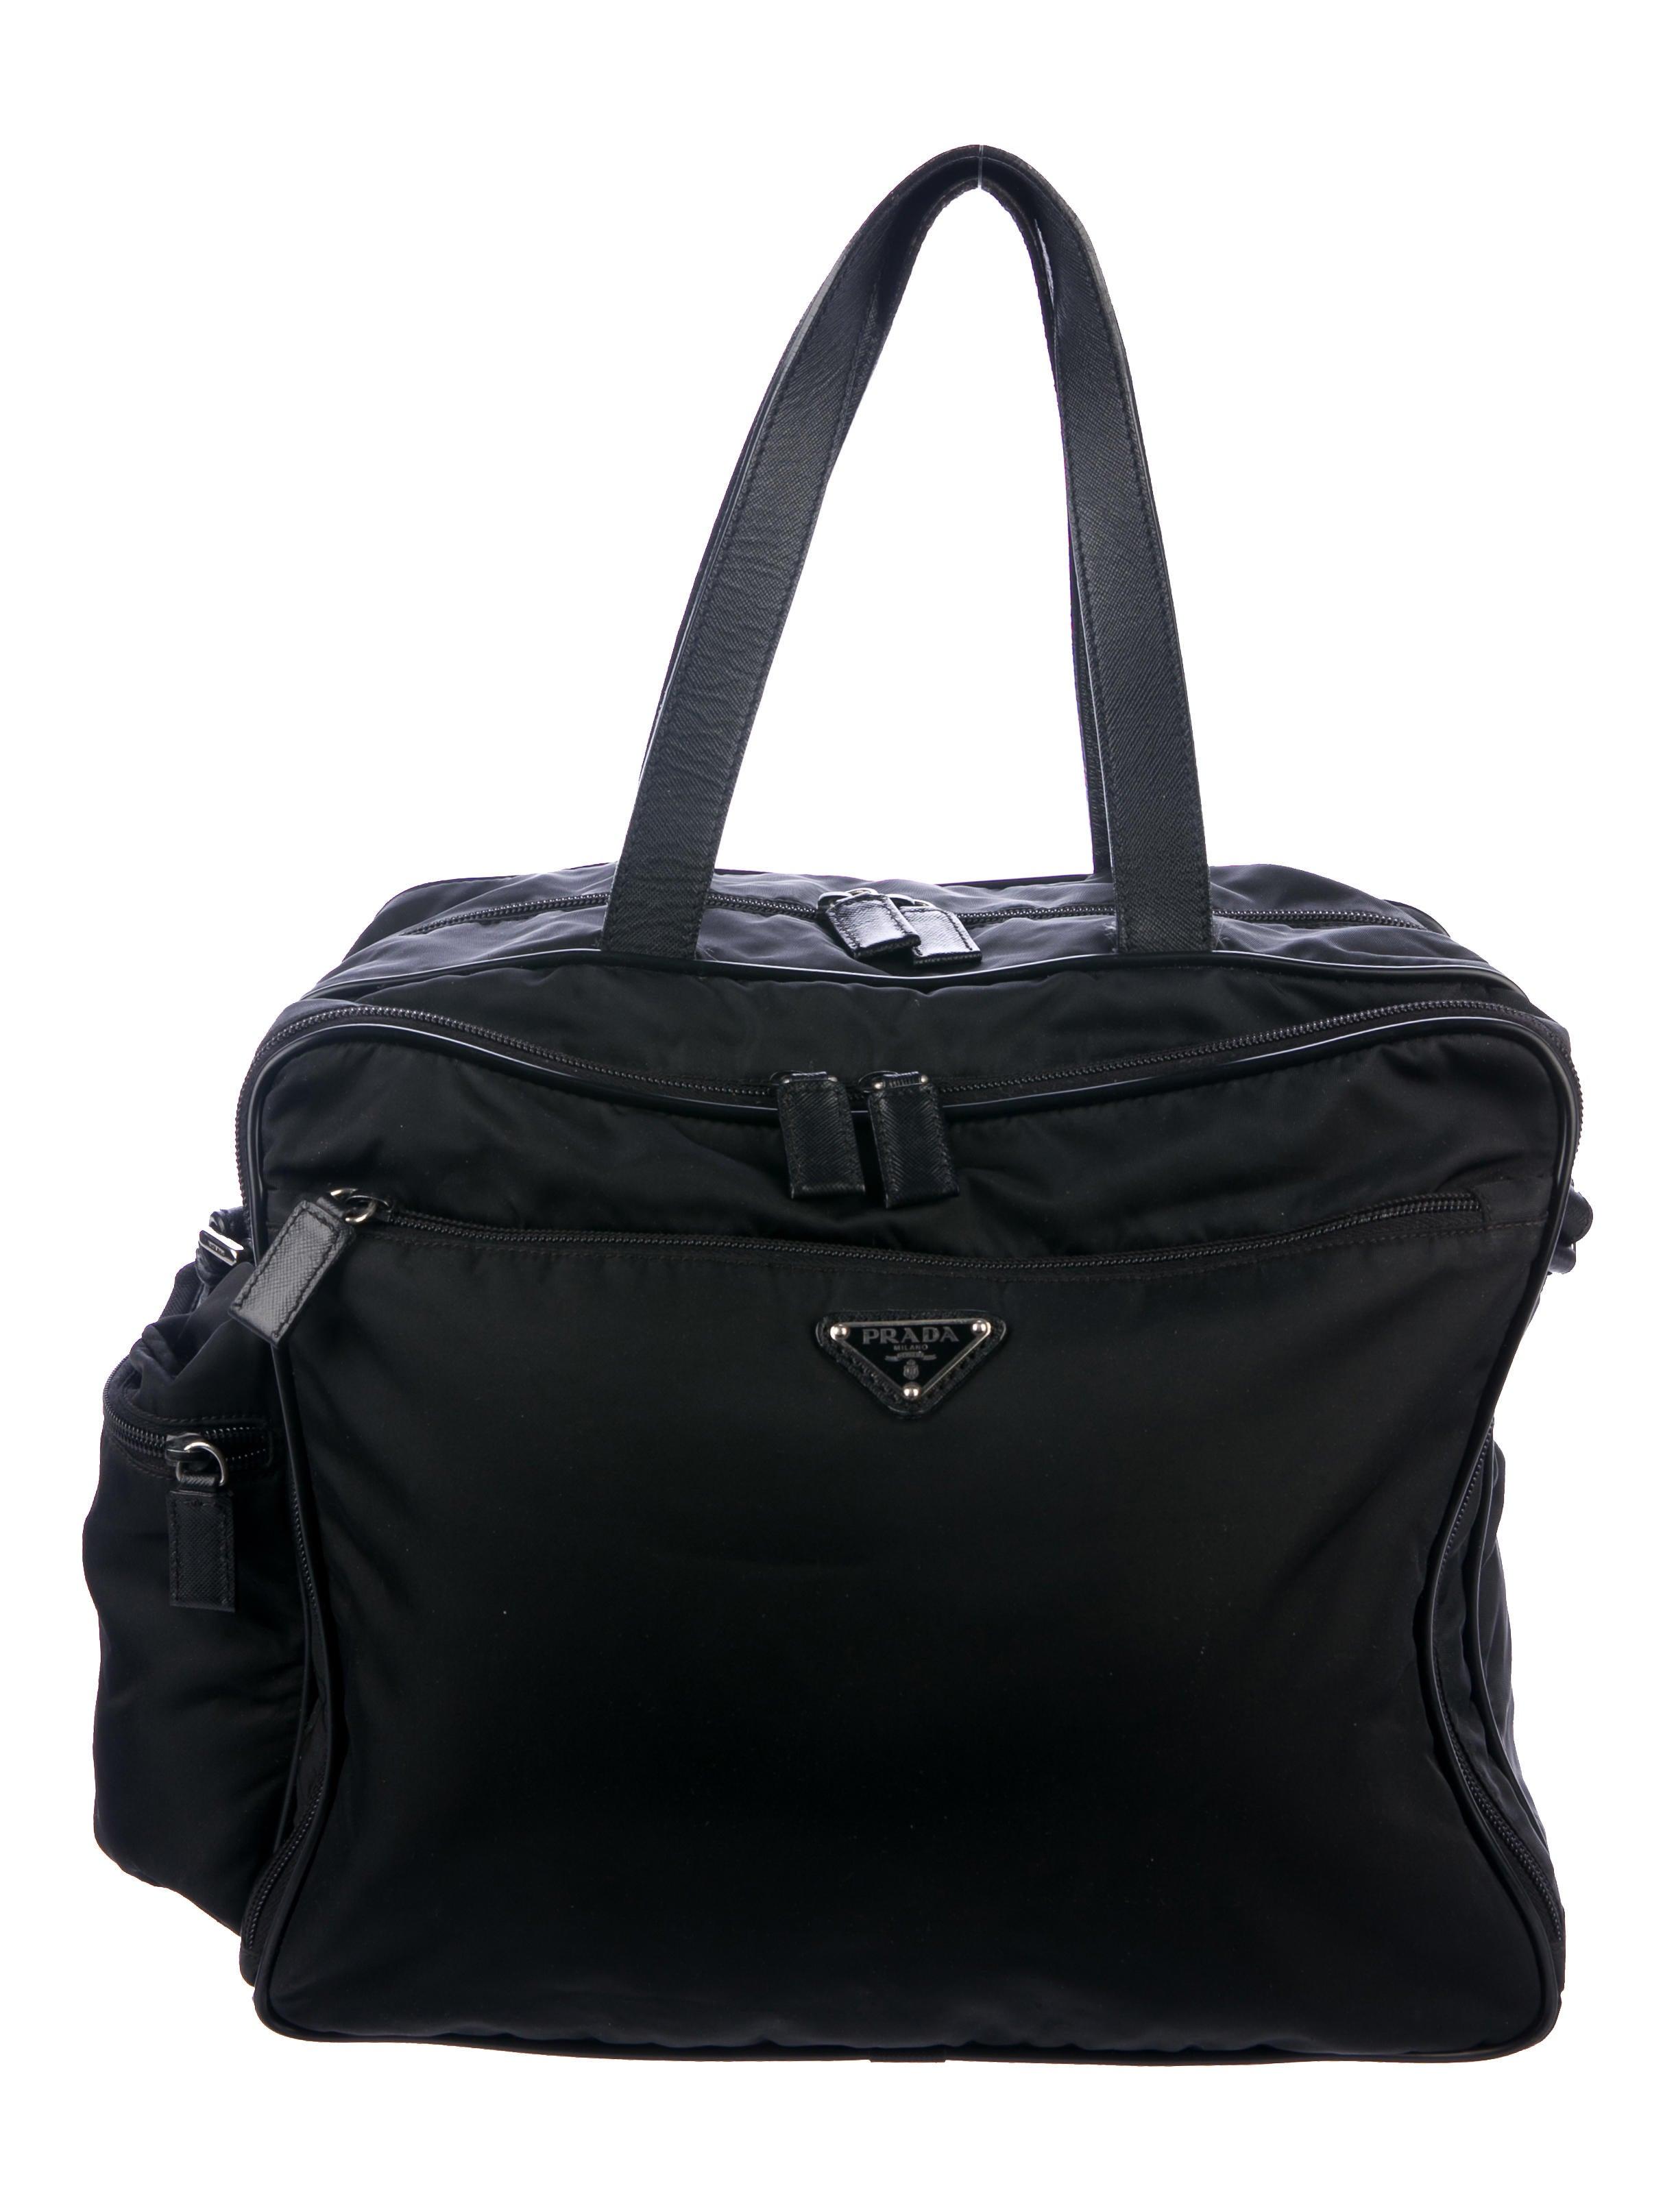 Prada Handbags  510771b8e2355